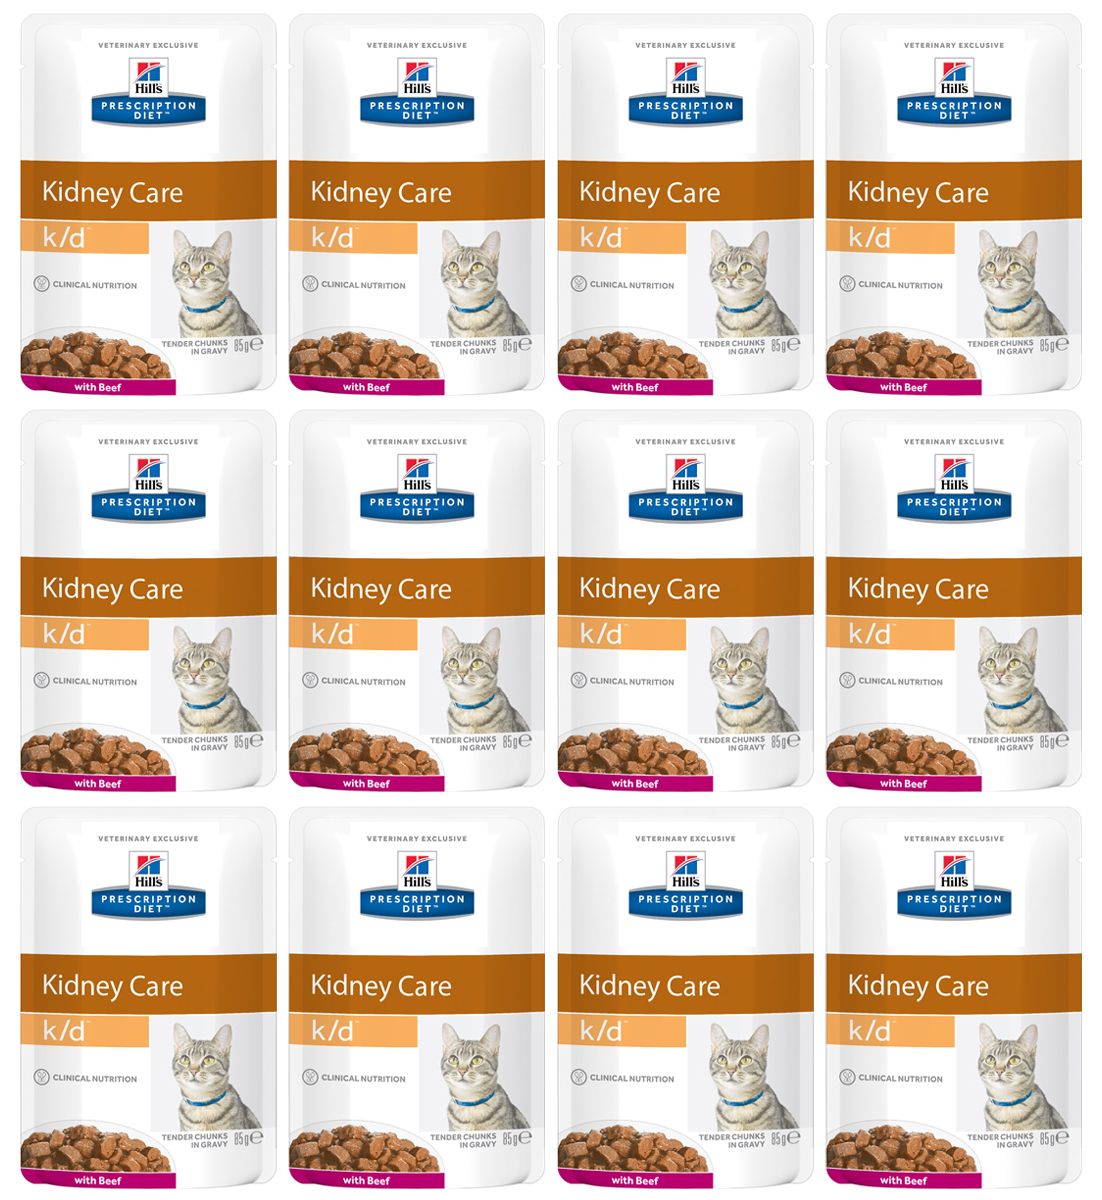 Консервы для кошек Hills Prescription Diet. K/D, при заболевании почек и урологическом синдроме, с говядиной, 85 г, 12 шт3411Консервы для кошек Hills Prescription Diet. K/D рекомендуются при хронических заболеваниях почек, при заболеваниях сердца, при уратном и цистиновом уролитиазе.Не рекомендуется котятам, беременным и кормящим кошкам, кошкам с дефицитом натрия в организме.В 2-х летнем исследовании клинически доказано что у кошек, питавшихся рационом Hills Prescription Diet k/d Feline, значительно реже отмечались эпизоды уремии и снижался уровень смертности. Ключевые преимущества: - Сниженное содержание фосфора помогает замедлить развитие заболевания почек. - Контролируемое содержание протеина помогает снизить накопление токсичных продуктов белкового обмена, в то же время удовлетворяя потребность организма в протеинах. Уменьшает концентрацию в моче компонентов уратных и цистиновых уролитов. - Повышенное содержание непротеиновых калорий помогает обеспечить поступление энергии и не допускает катаболизма протеинов. - Повышенная буферная емкость рациона препятствует развитию метаболического ацидоза. - Омега-3 жирные кислоты улучшают почечный кровоток. - Содержание натрия снижено, что помогает замедлить развитие заболевания почек. Уменьшает задержку воды в организме на ранних стадиях заболеваний сердца. - Повышенное содержание растворимой клетчатки уменьшает реабсорбцию аммония в кишечнике. Помогает понизить концентрацию мочевины в крови. - Повышенное содержание витаминов группы В восполняет потери данных витаминов при полиурии. - Антиоксидантная формула нейтрализует действие свободных радикалов для поддержания функции почек. Ингредиенты: курица, свинина, говядина (4%), кукурузный крахмал, пшеничная мука, крахмал из тапиоки, различные сахара, минералы и микроэлементы, витамины, лосось, рыбий жир, животный жир, протеиновая мука (сухой белок), подсолнечное масло, концентрат протеина гороха. Окрашено оксидом железа и натуральной карамелью.Среднее содержание нутриентов в р